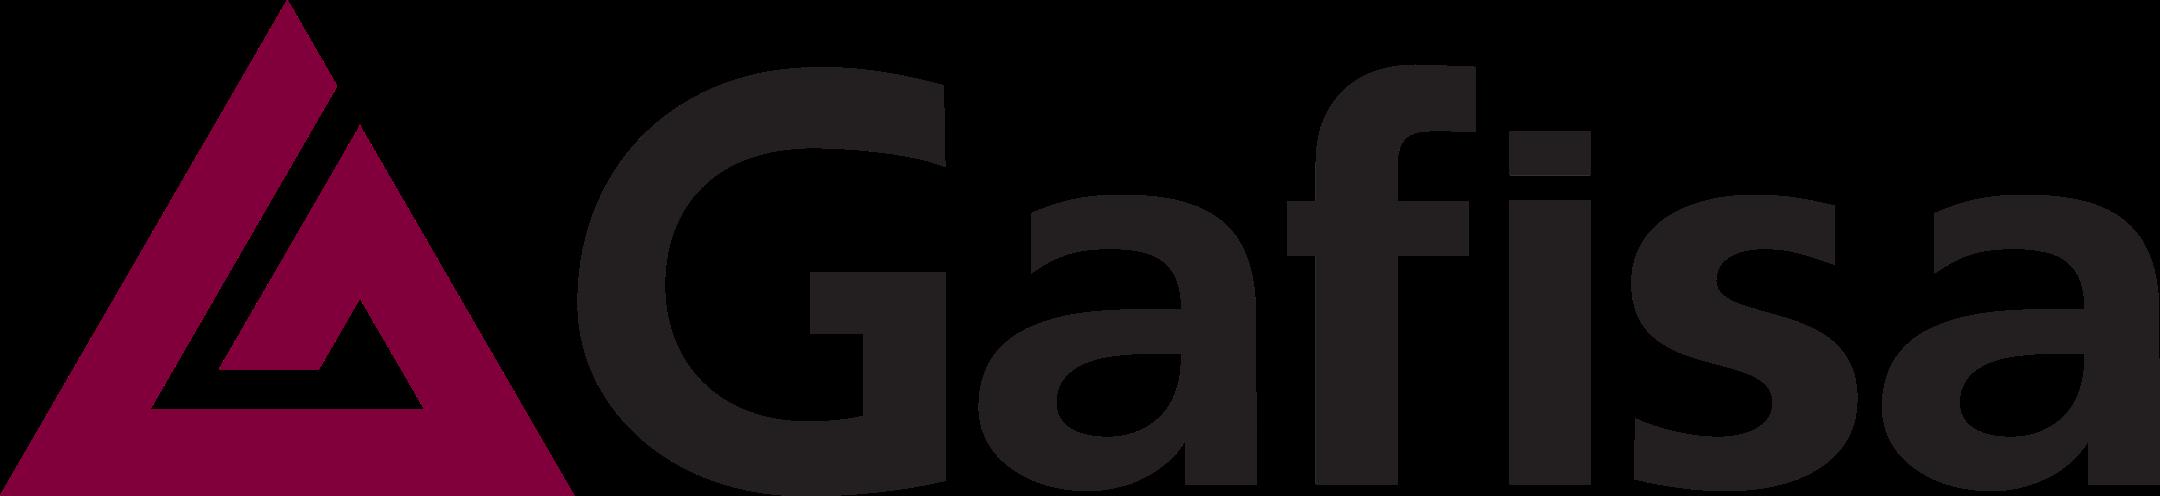 gafisa logo 1 1 - Gafisa Logo